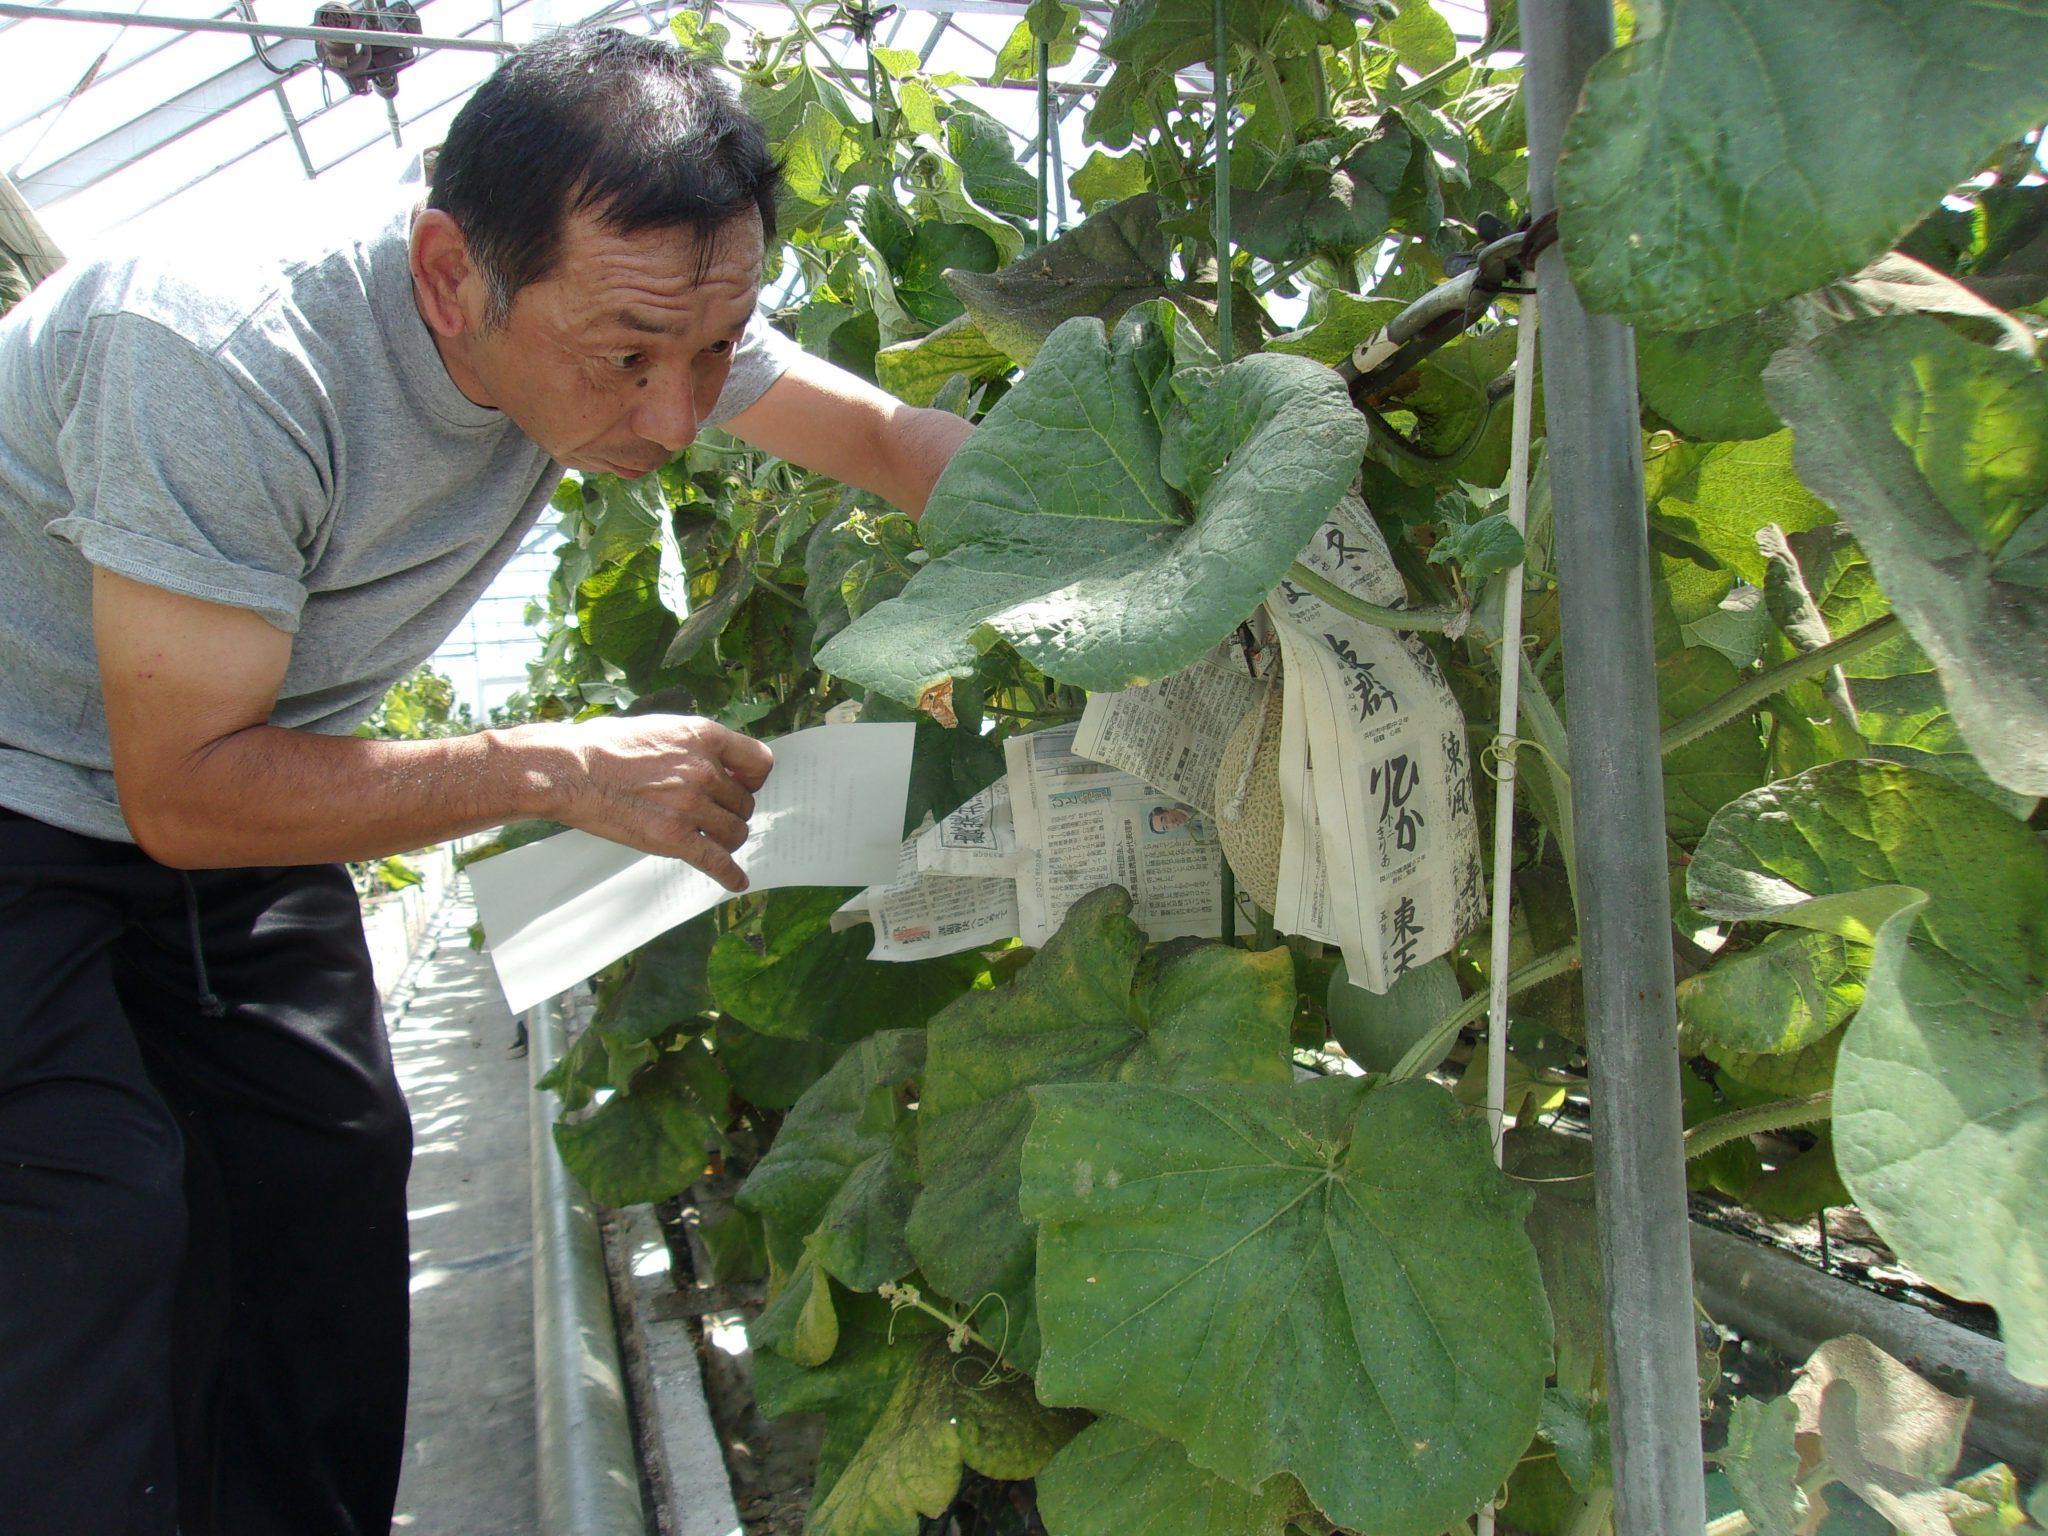 メロン養液栽培収入保険へ加入 災害時の長期停電に備え 久野英敏さん・袋井市